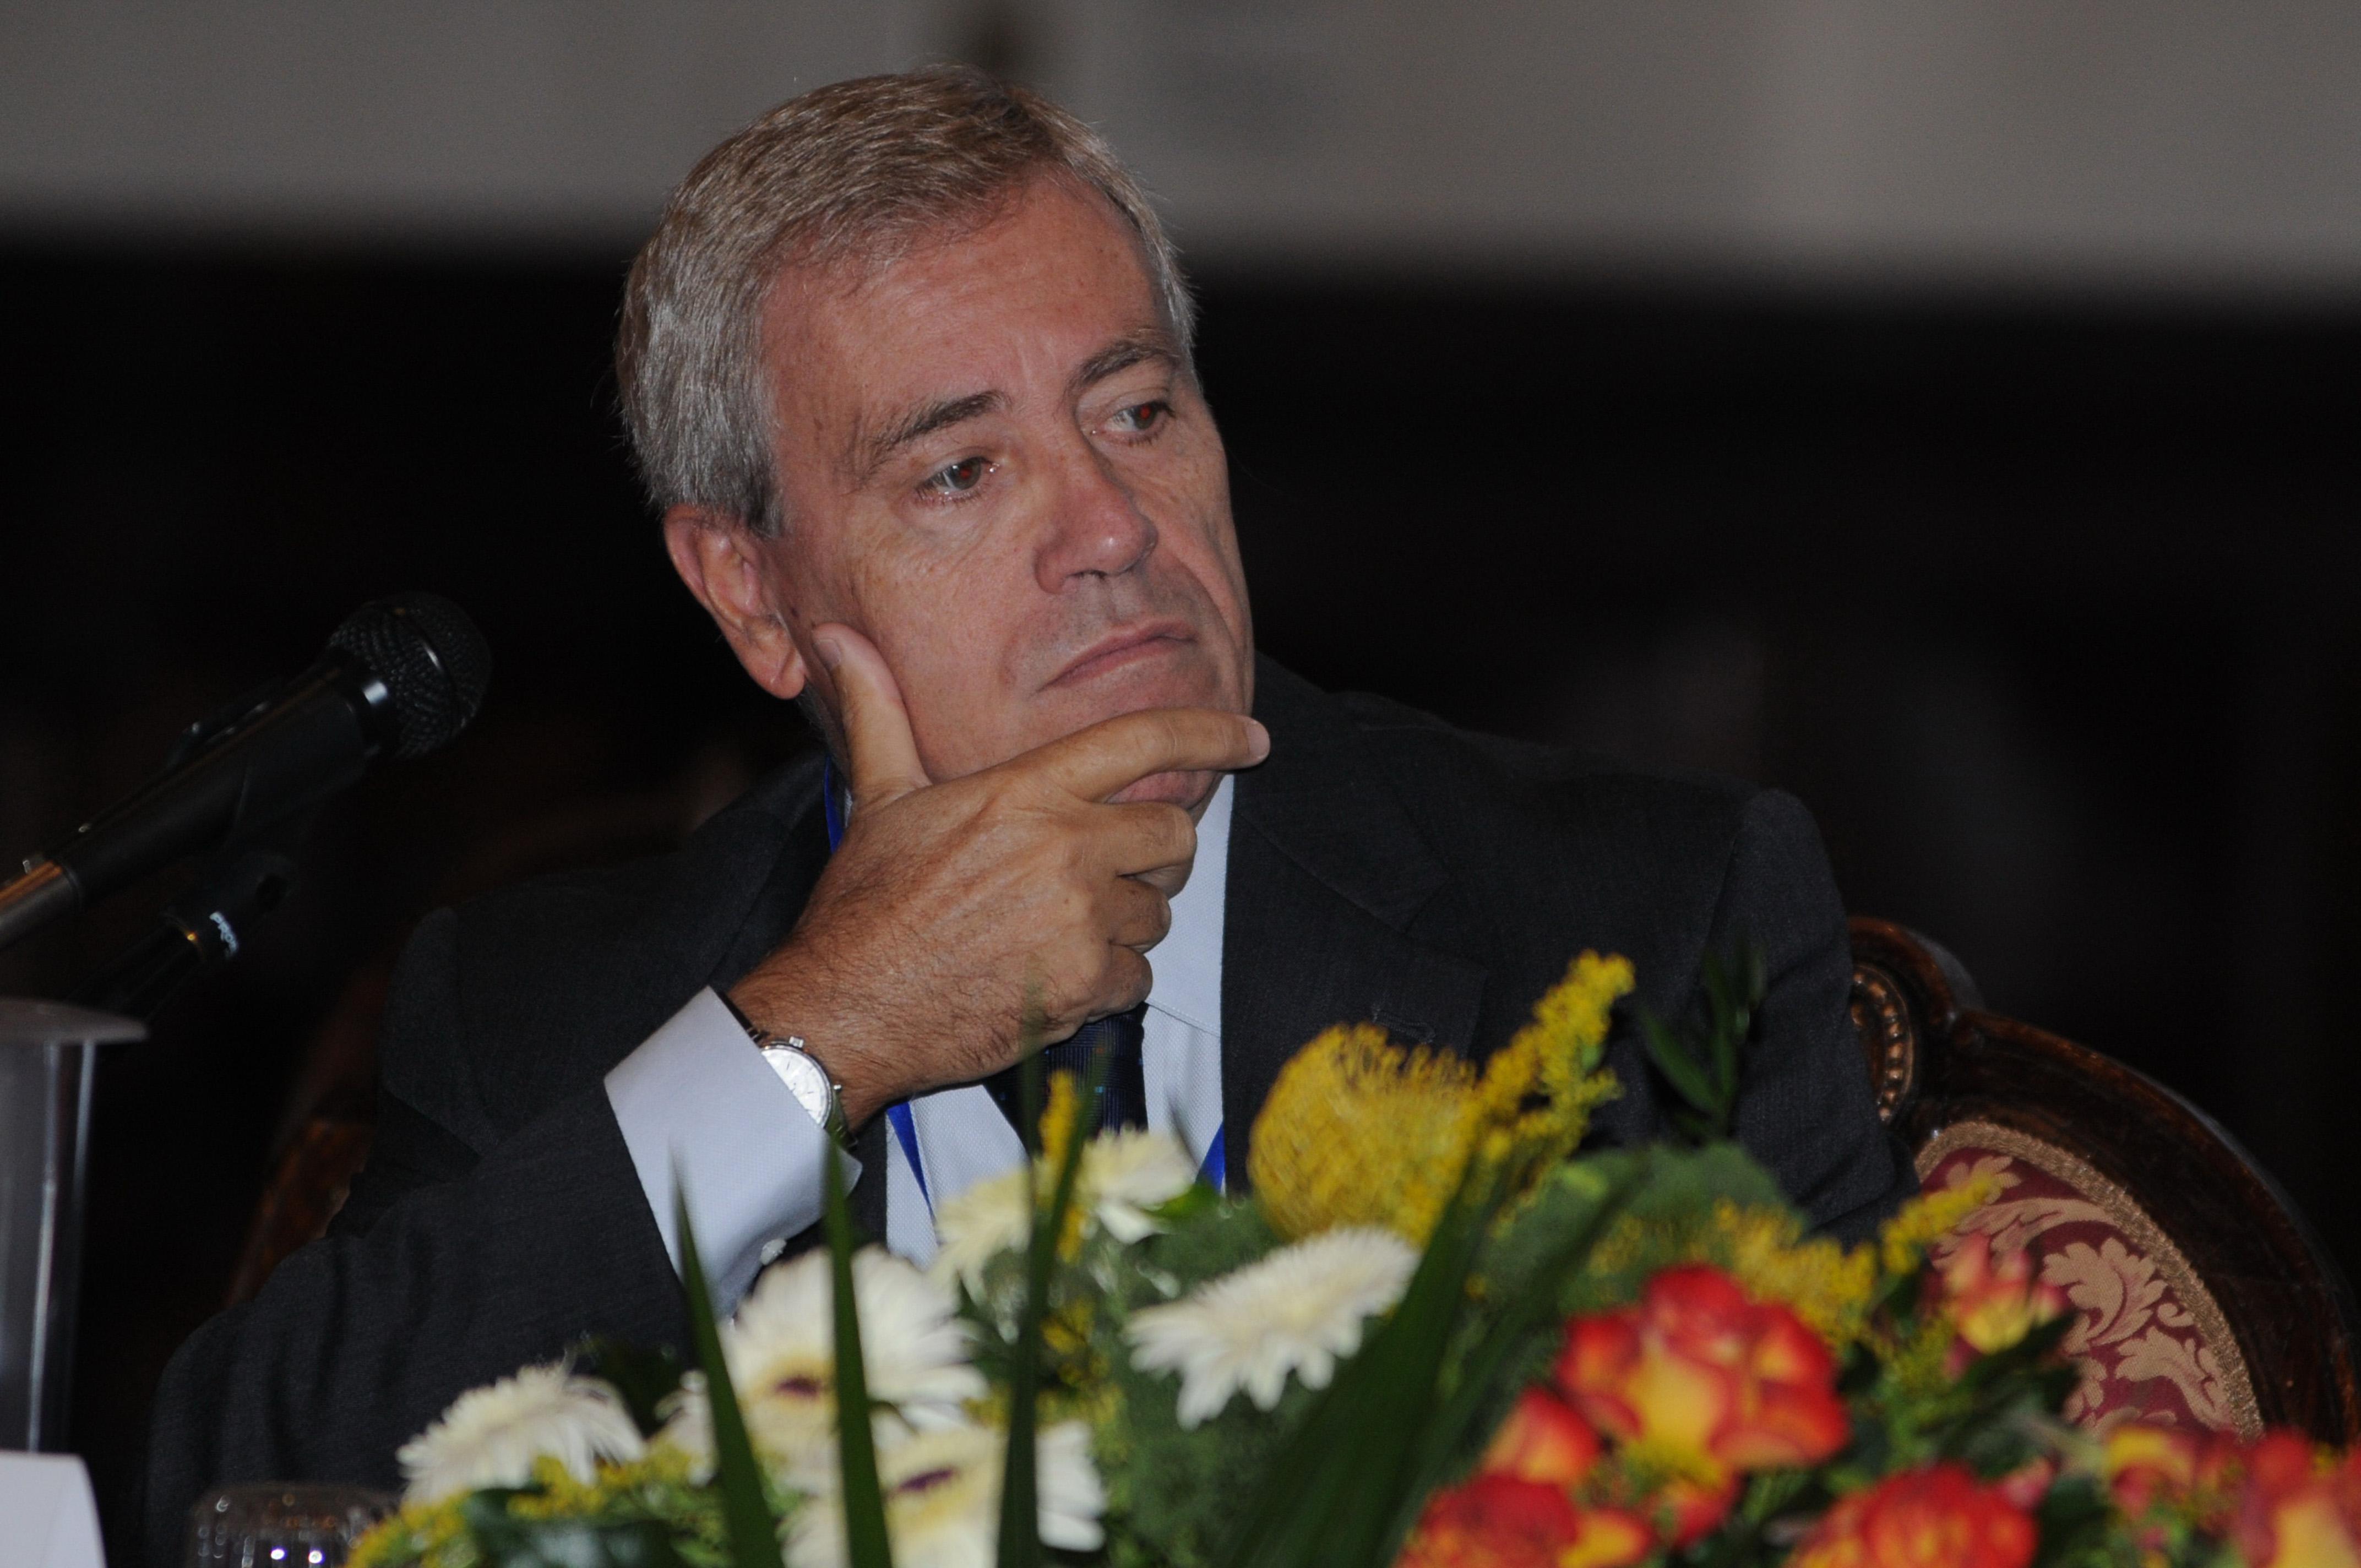 Stefano Ojetti